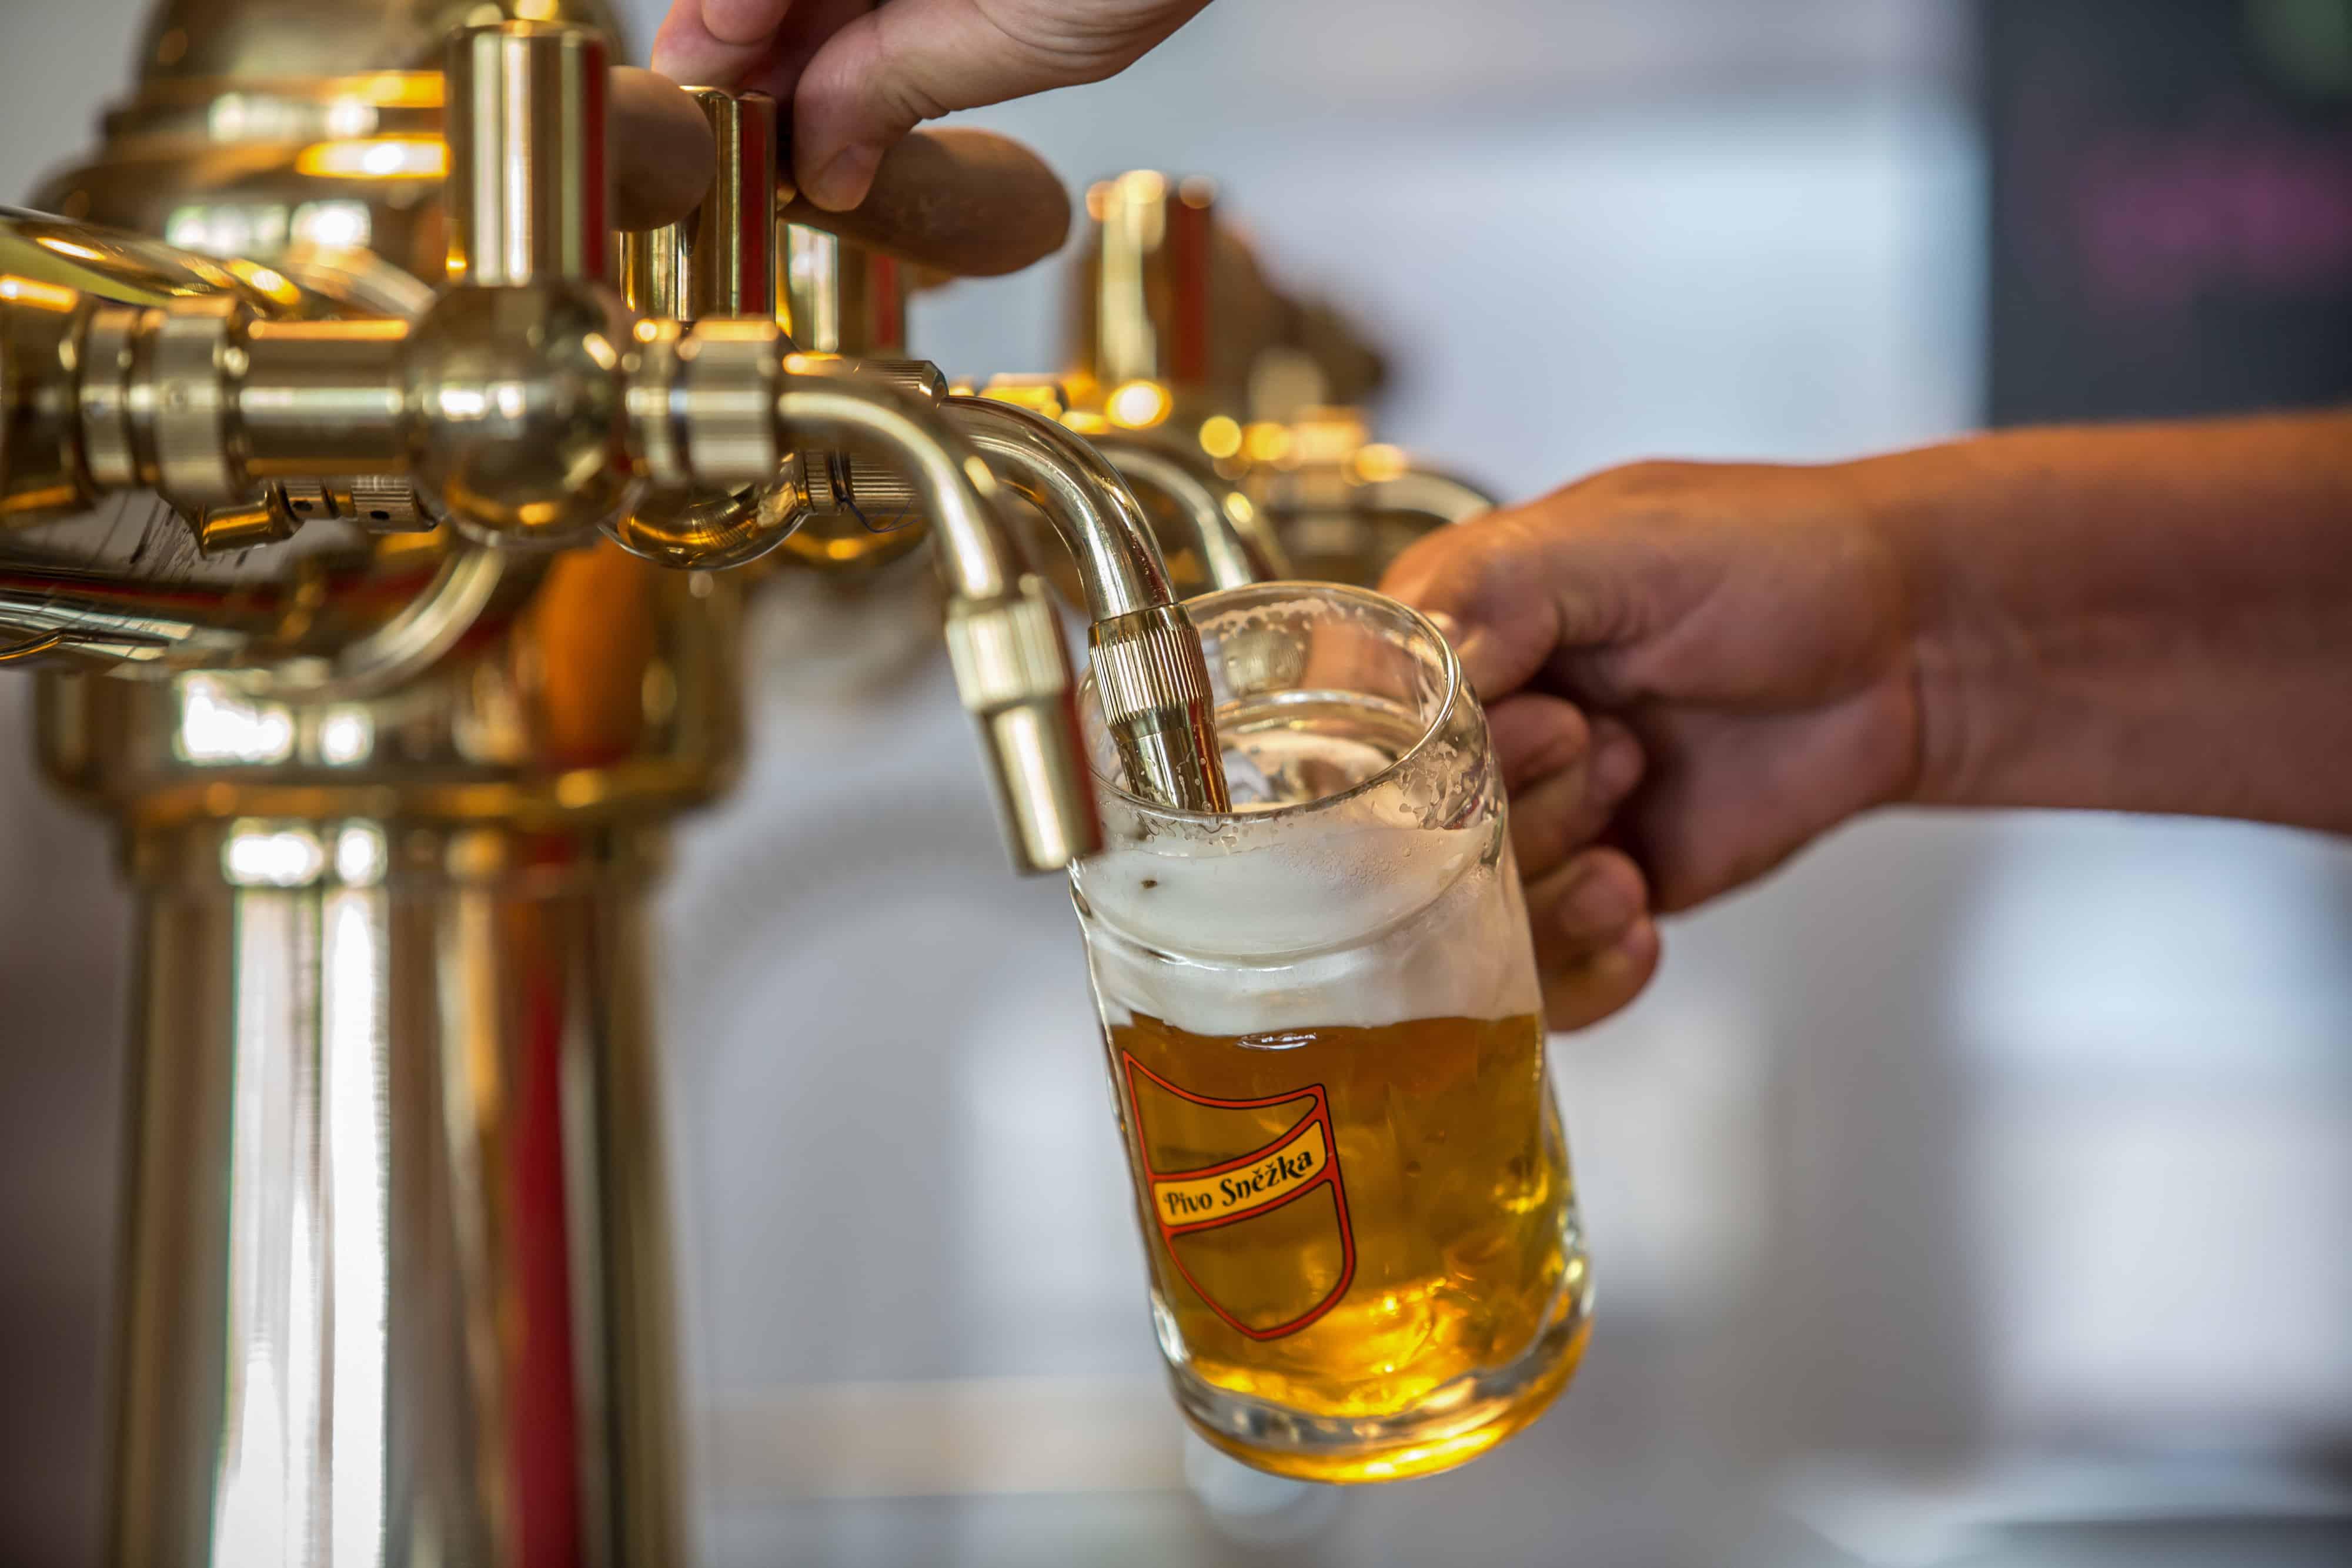 Een pint bier wordt getapt uit een gouden tapkraan.